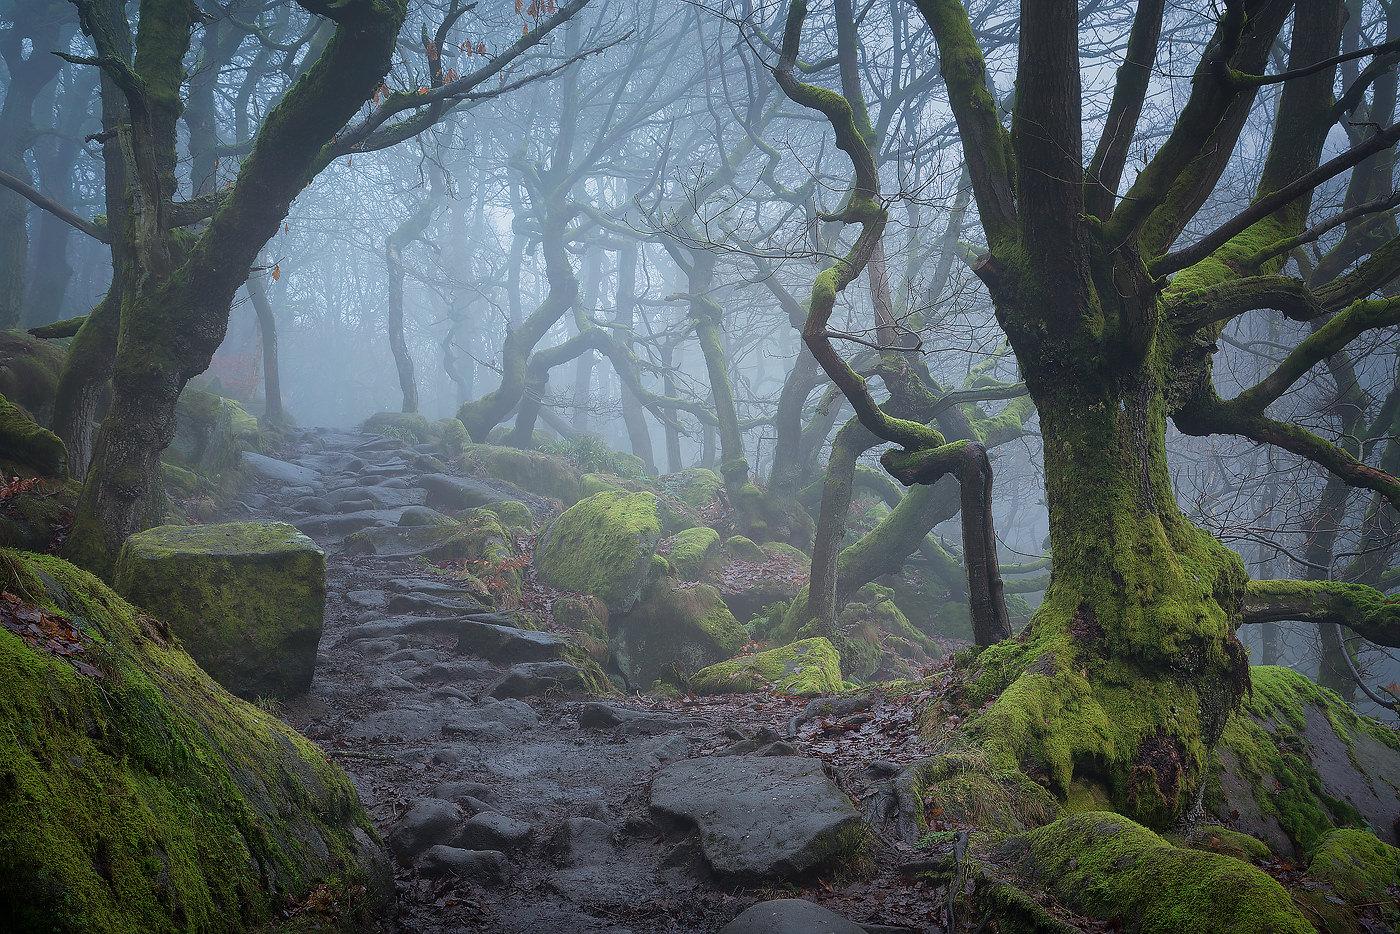 Padley Gorge Misty Woodland